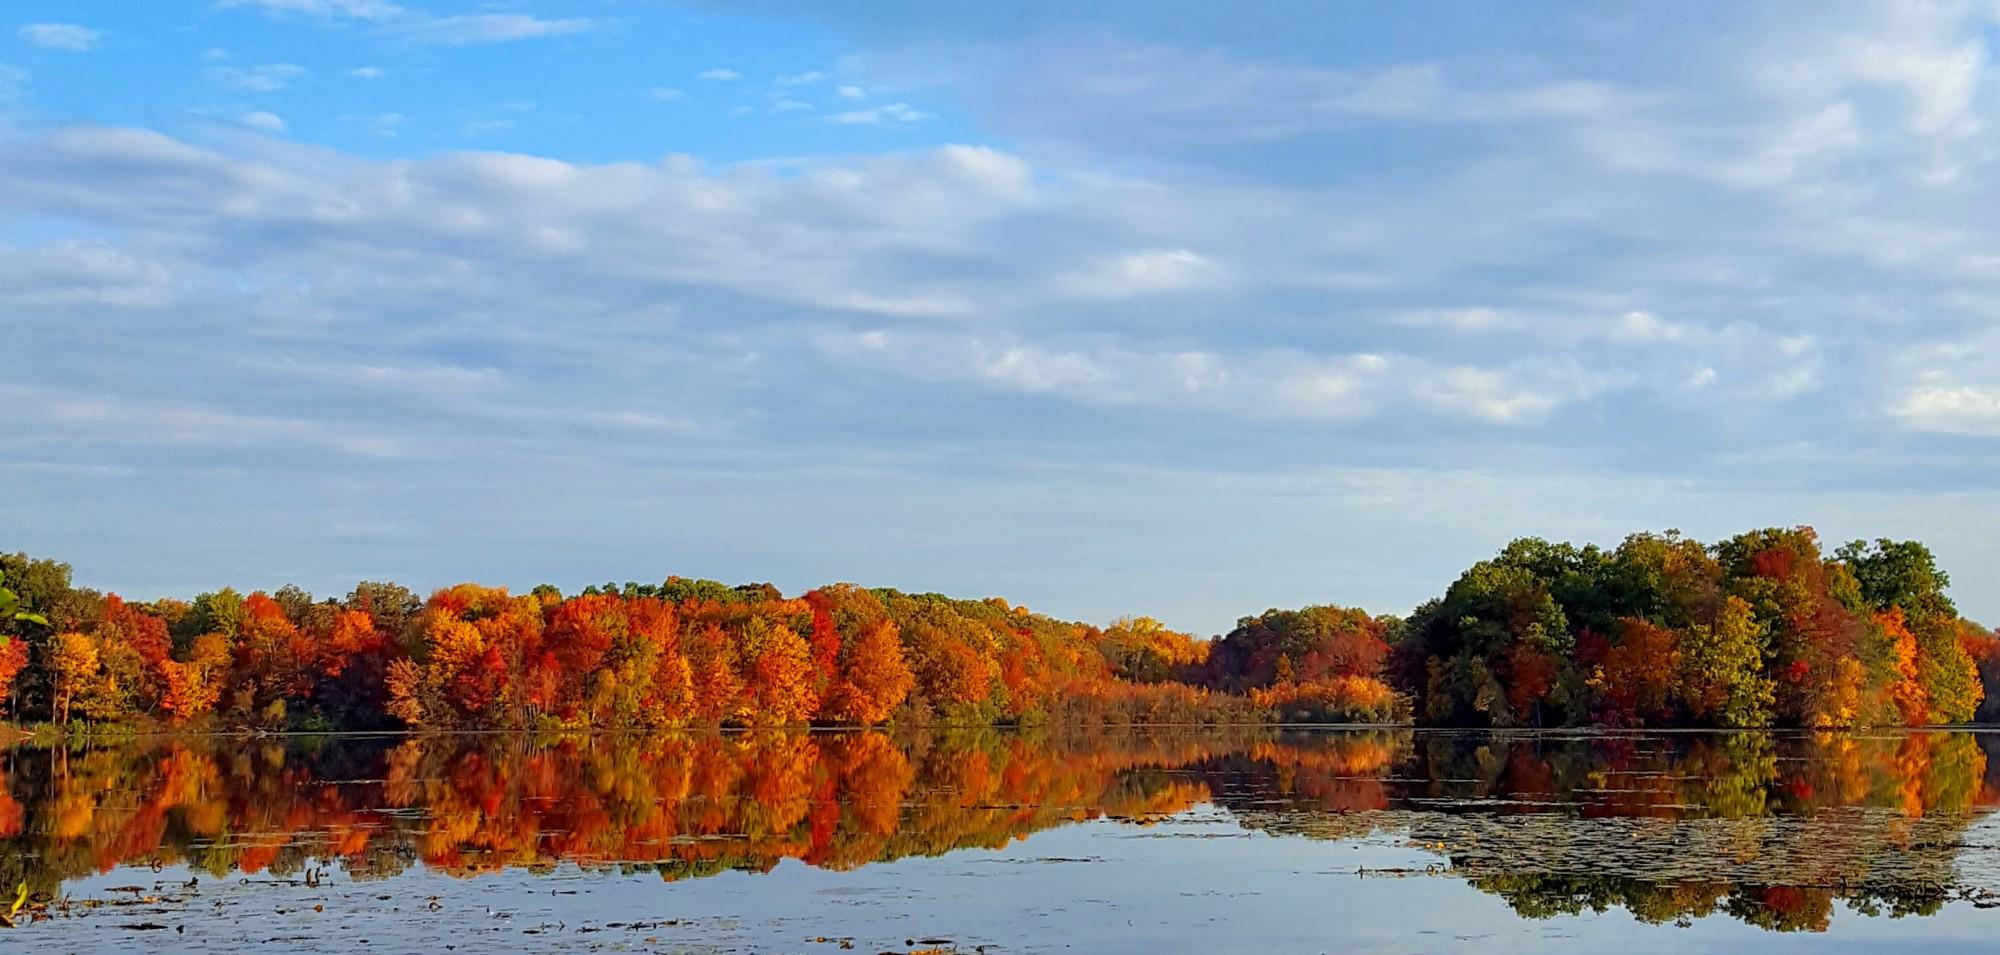 4a54d8243e80 A Little Fall Foliage (And a Lot of Sky) – Aspetuck Walk